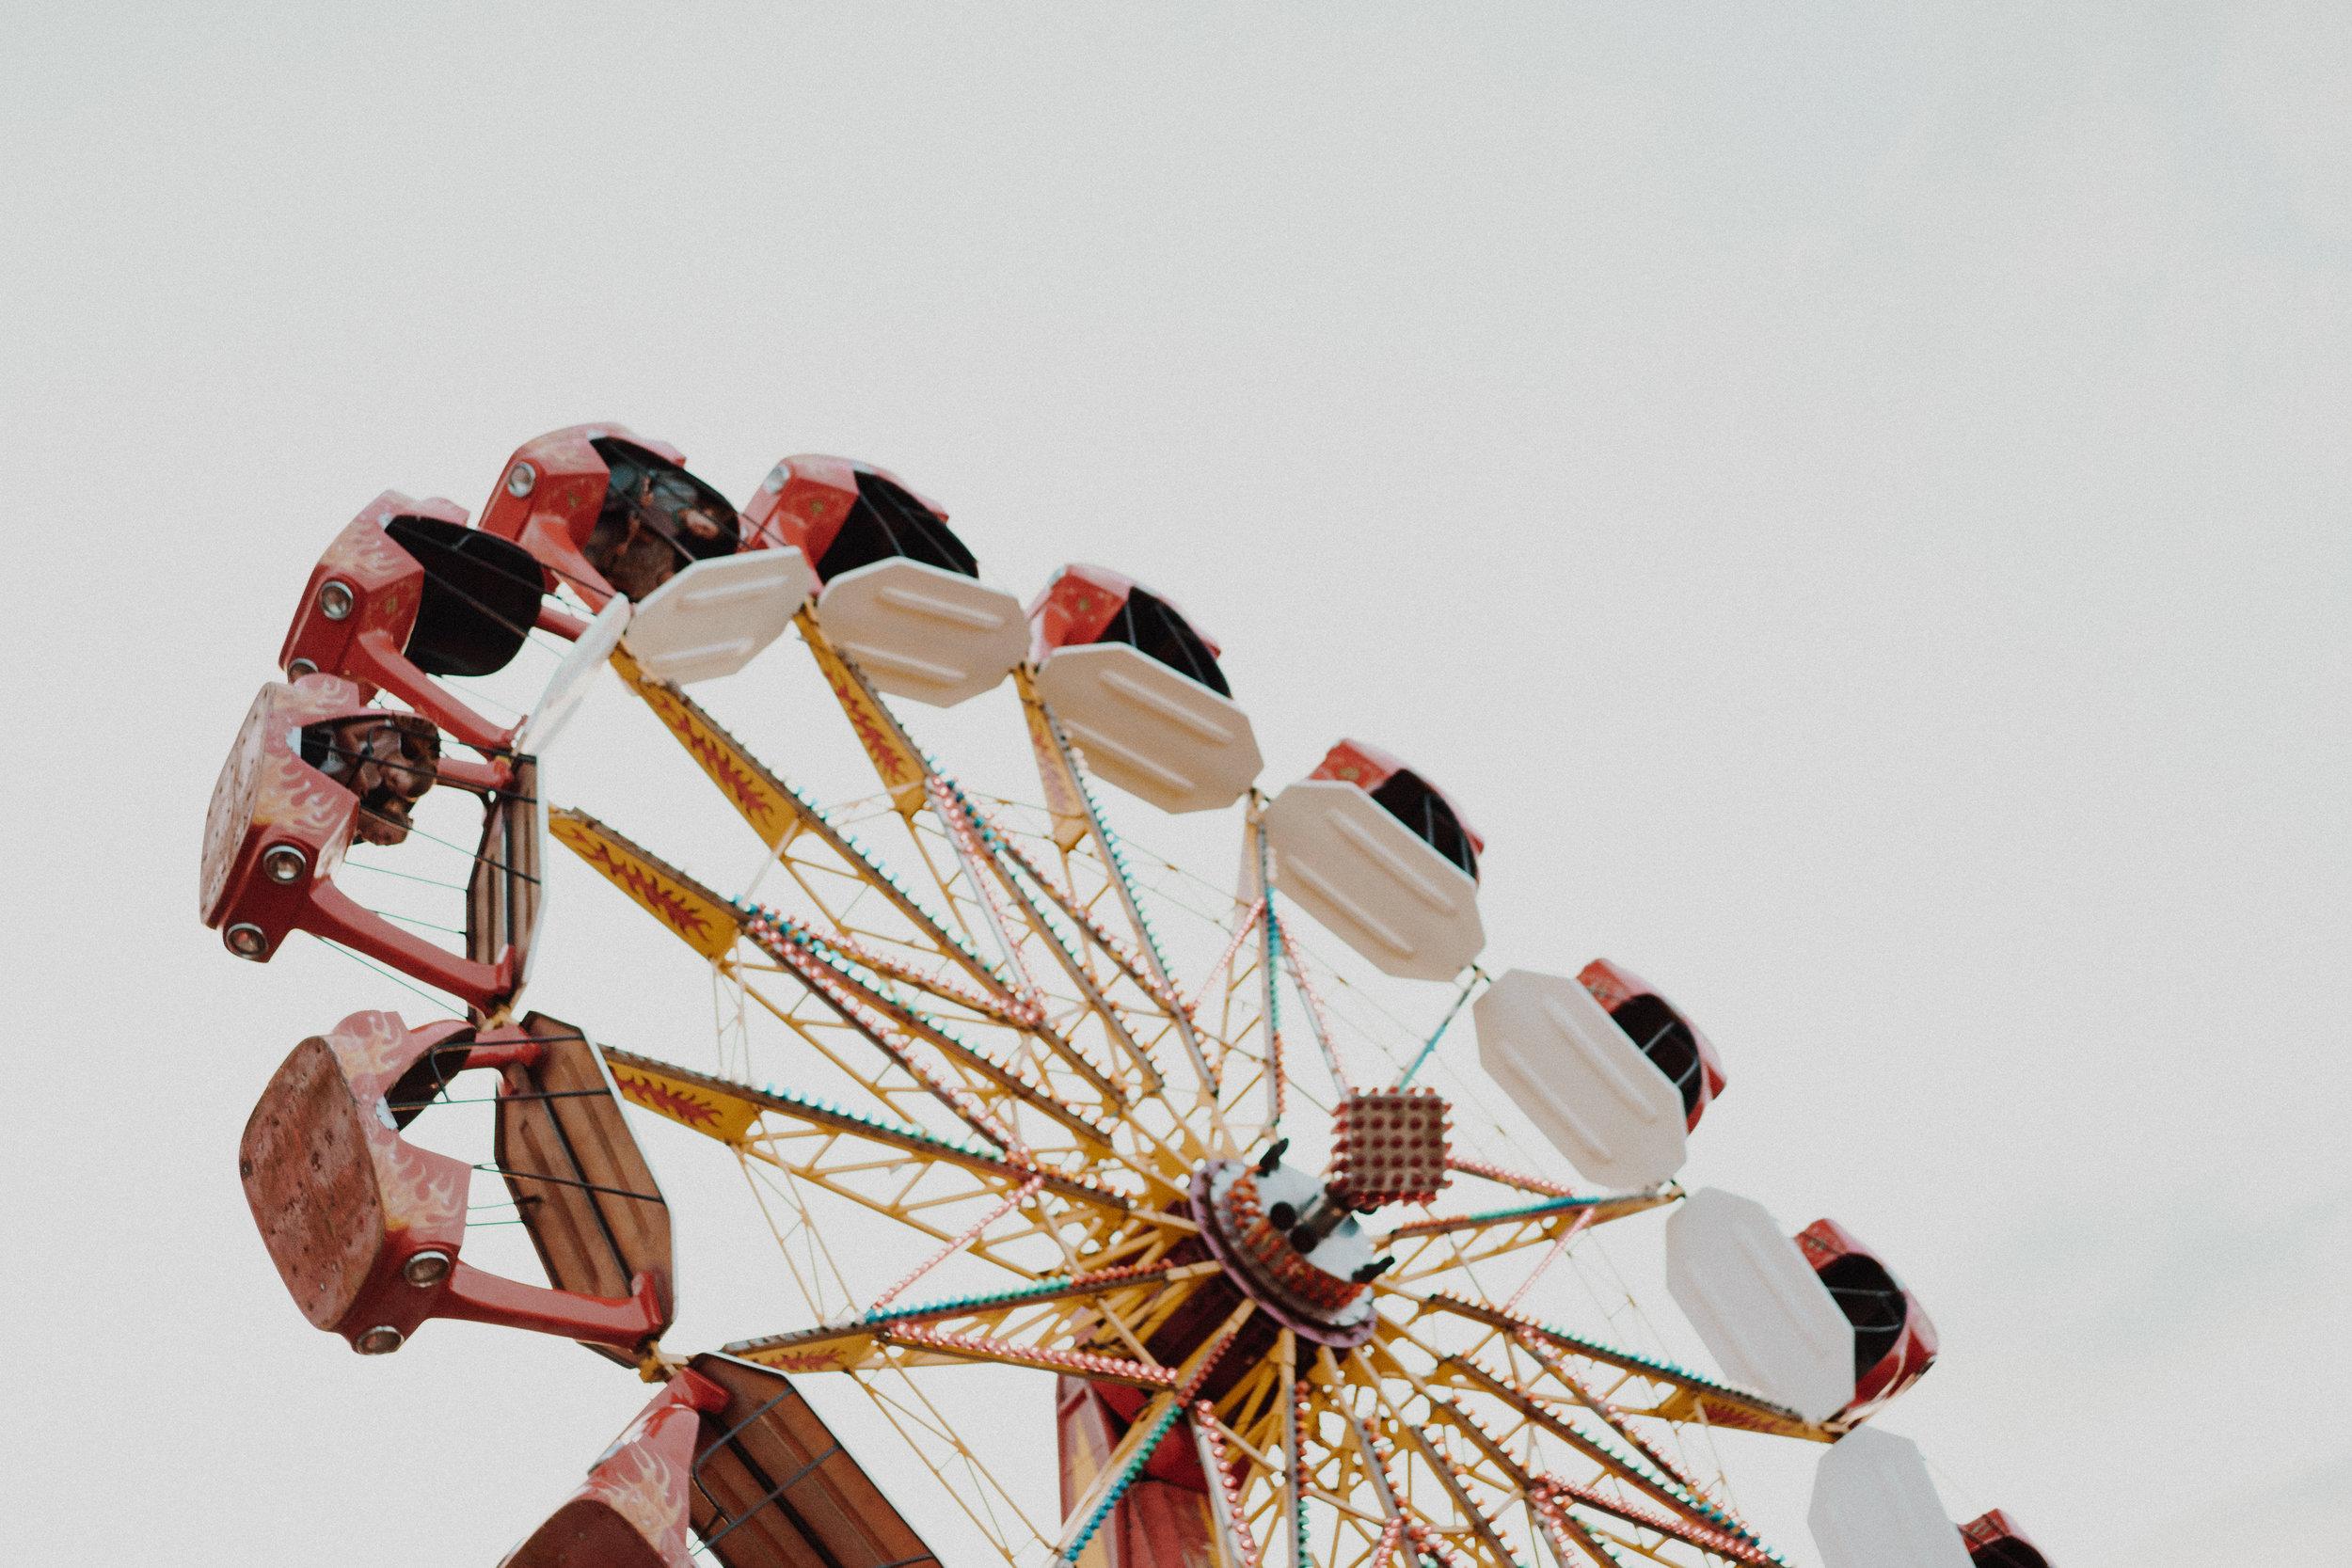 vintage-fair-ride-picjumbo-com.jpg